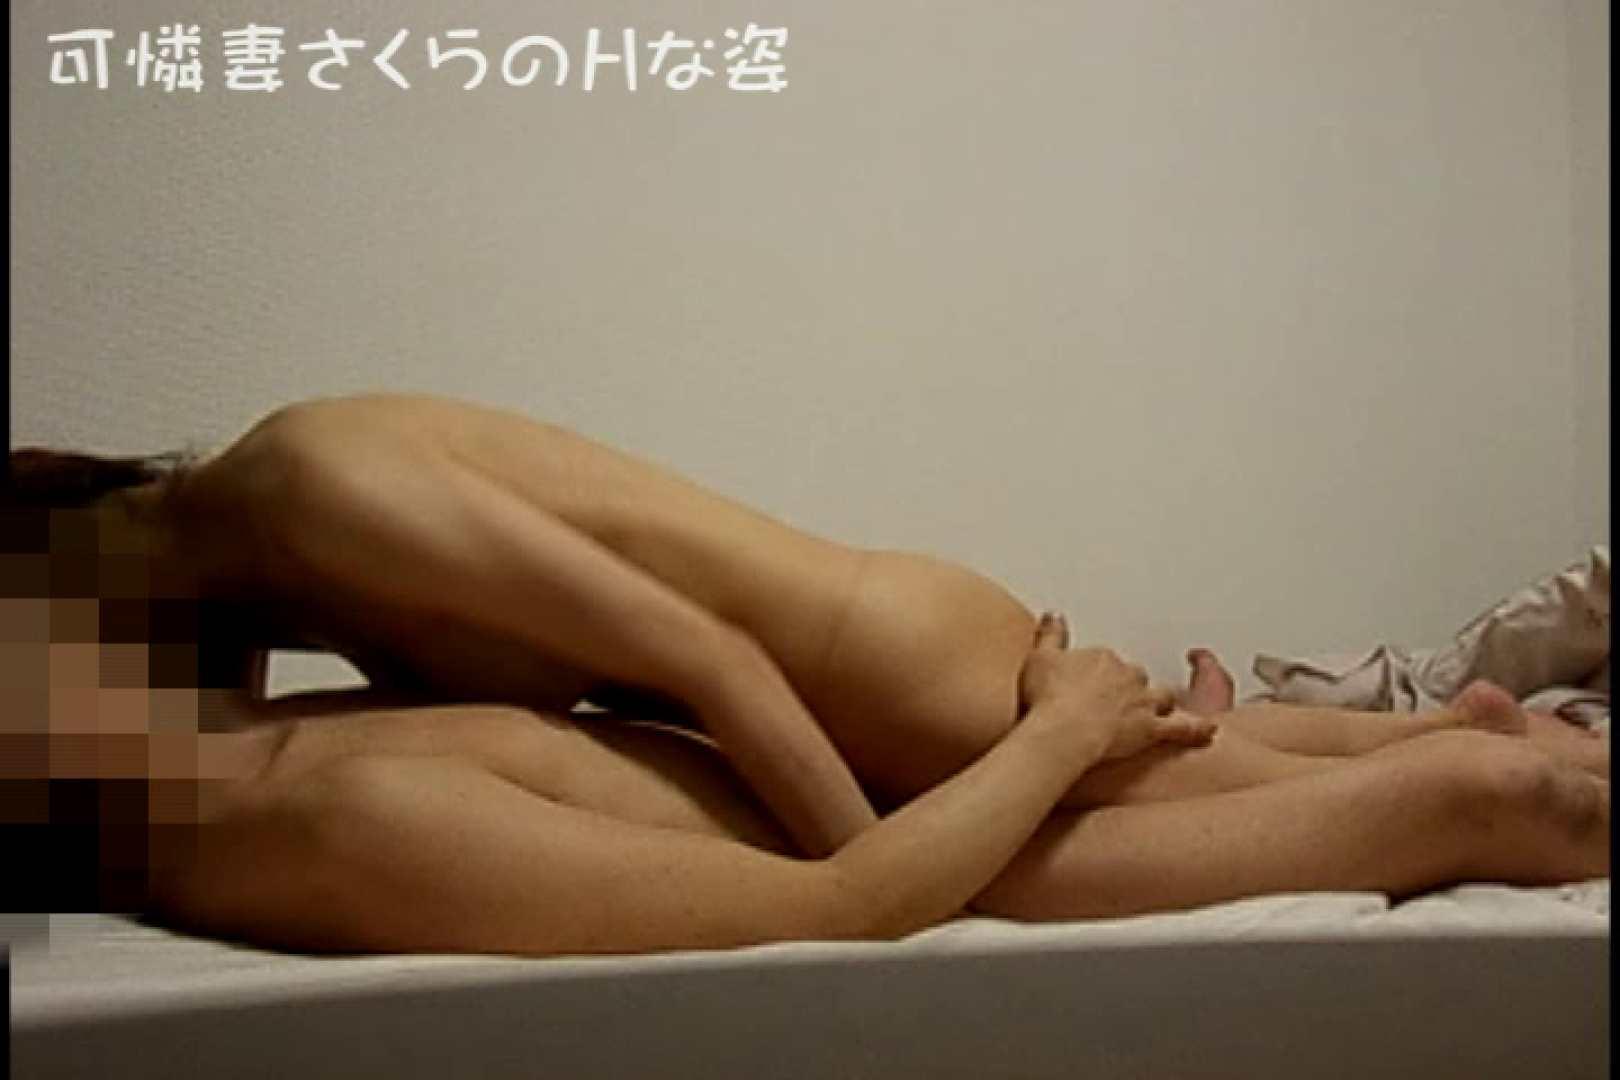 可憐妻さくらのHな姿vol.3 ギャル達のセックス | OL裸体  65画像 25